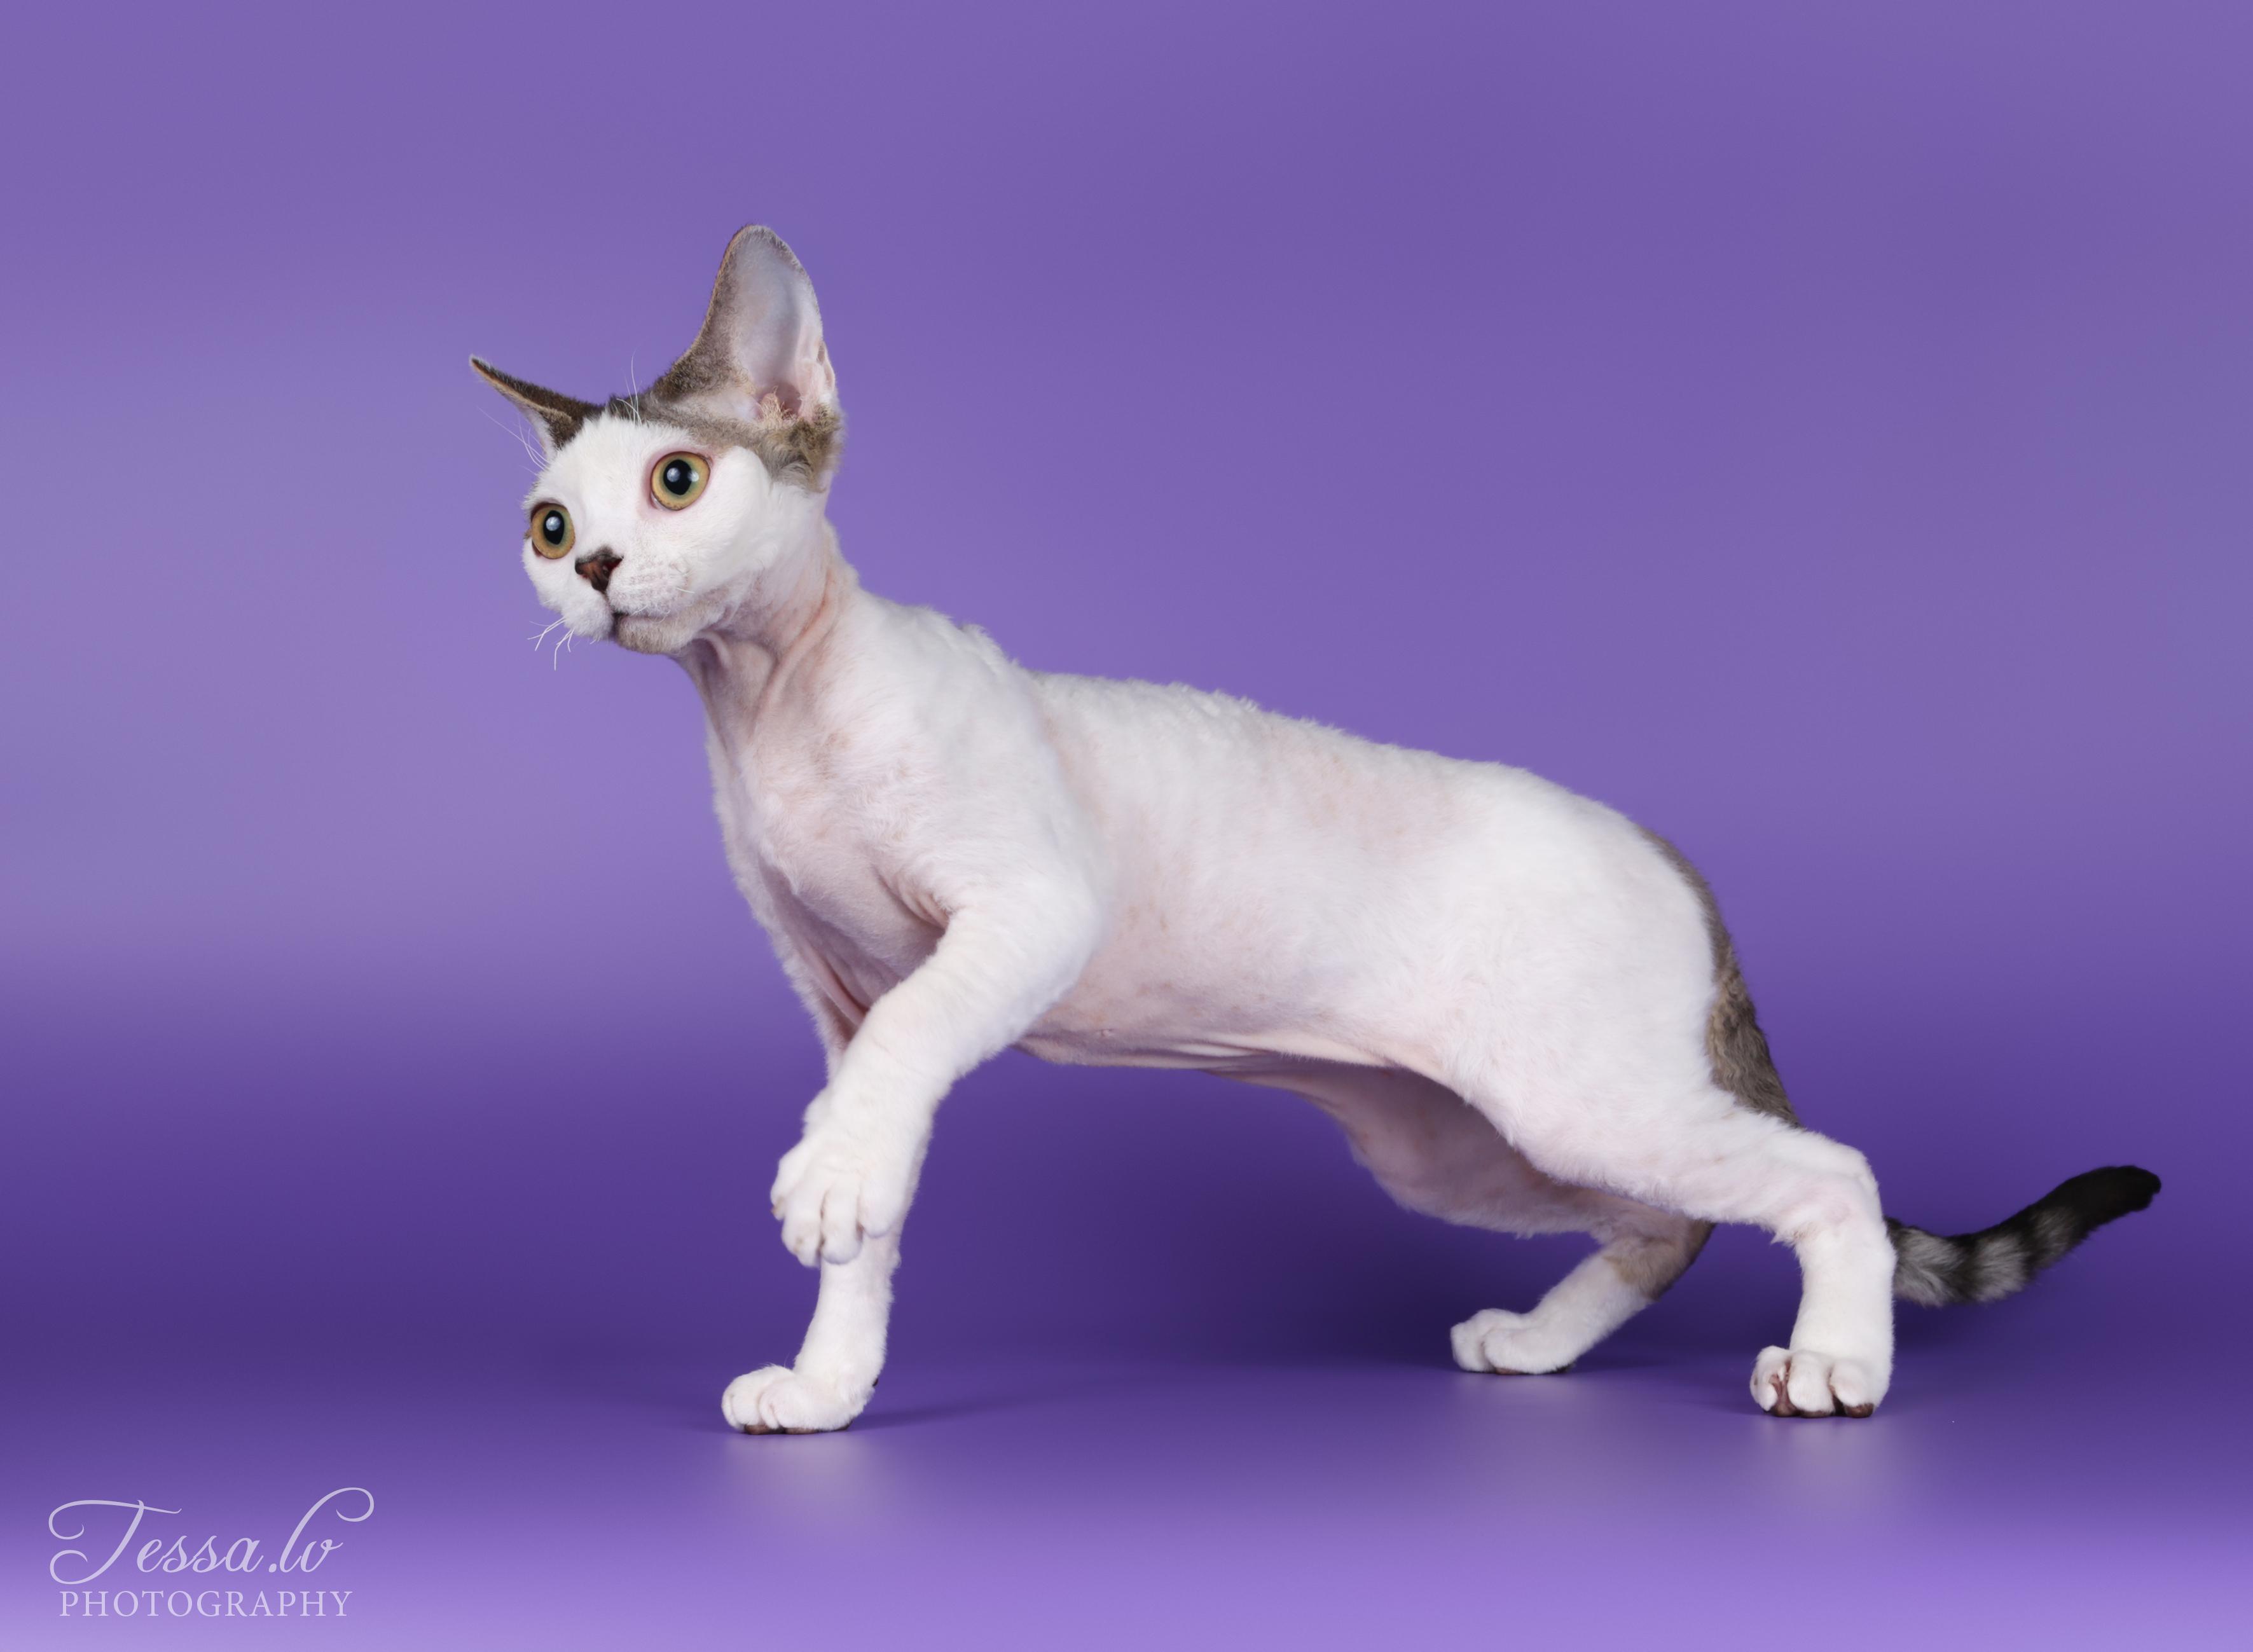 Cat Jarod arlekin